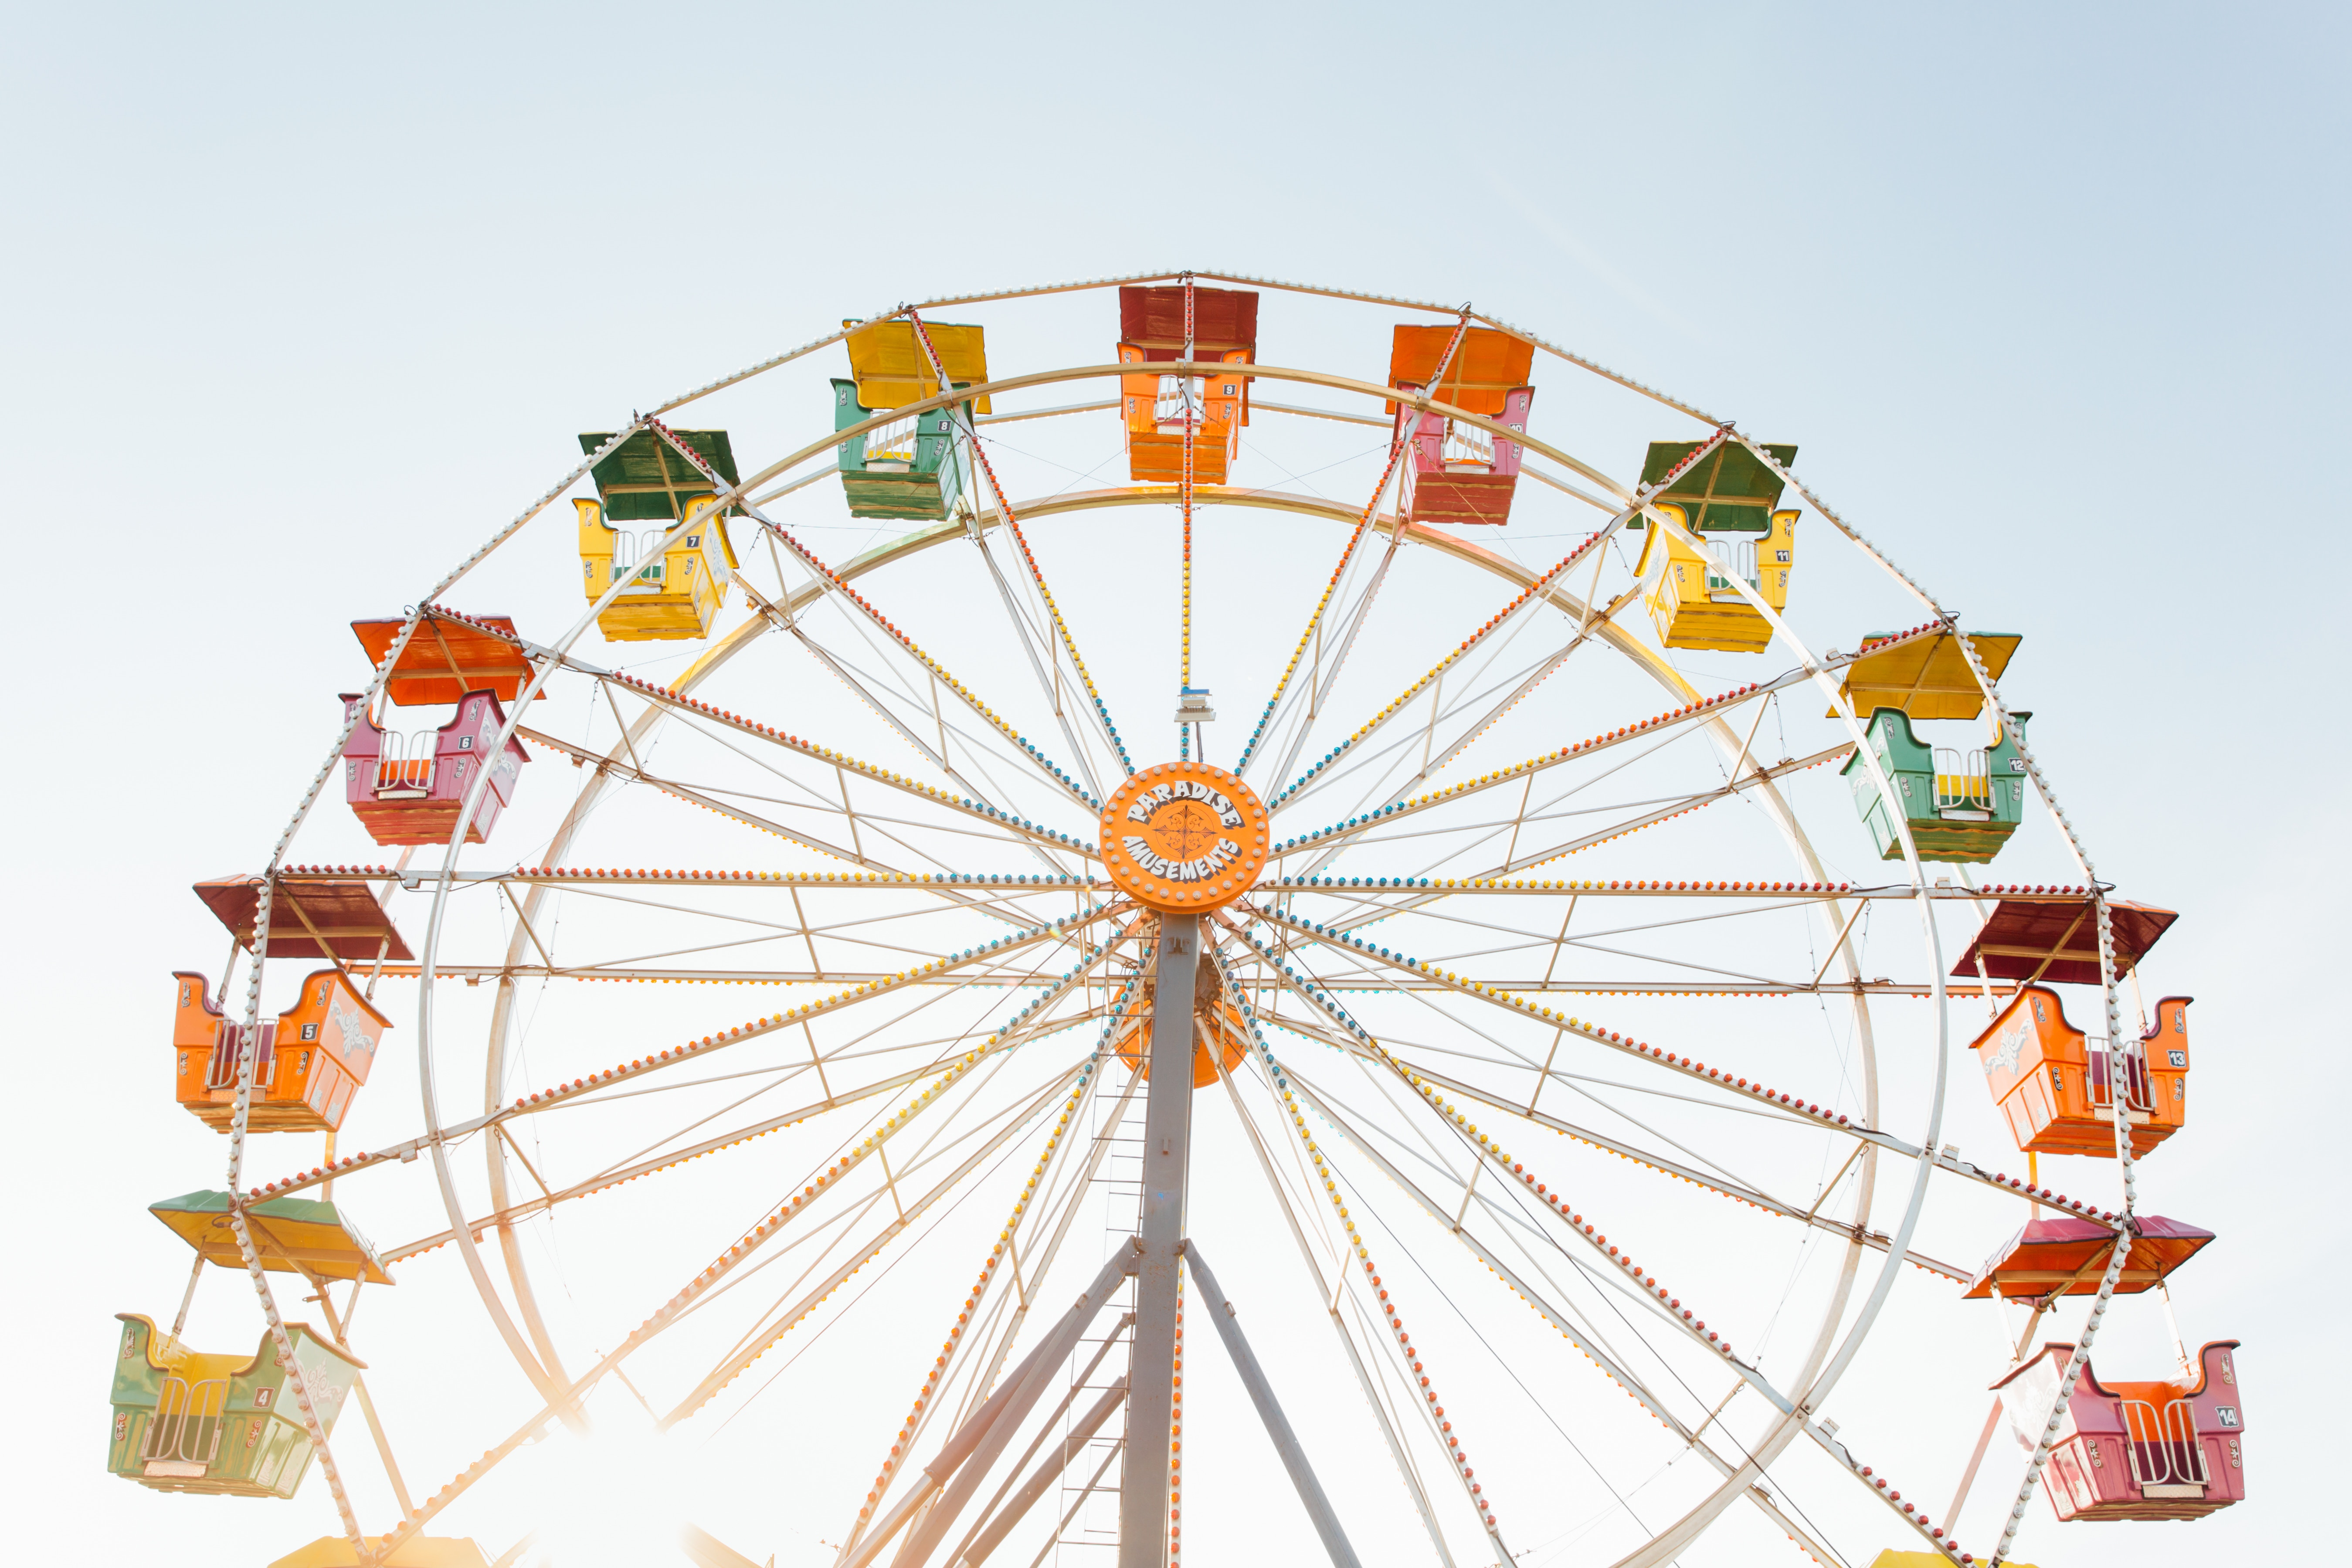 summer stock photos carnival